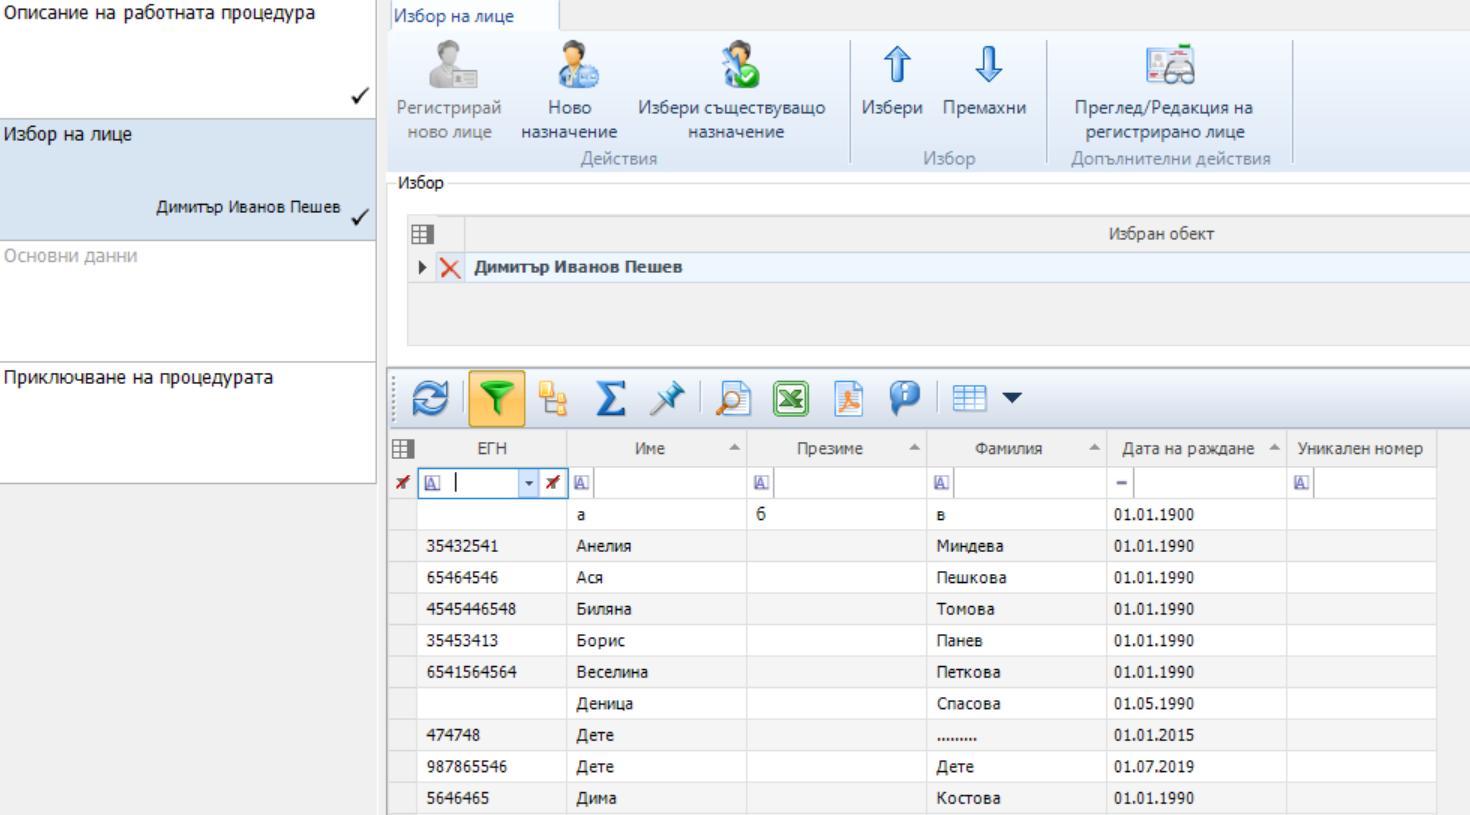 Регистриране на служители | HeRMeS eXpress